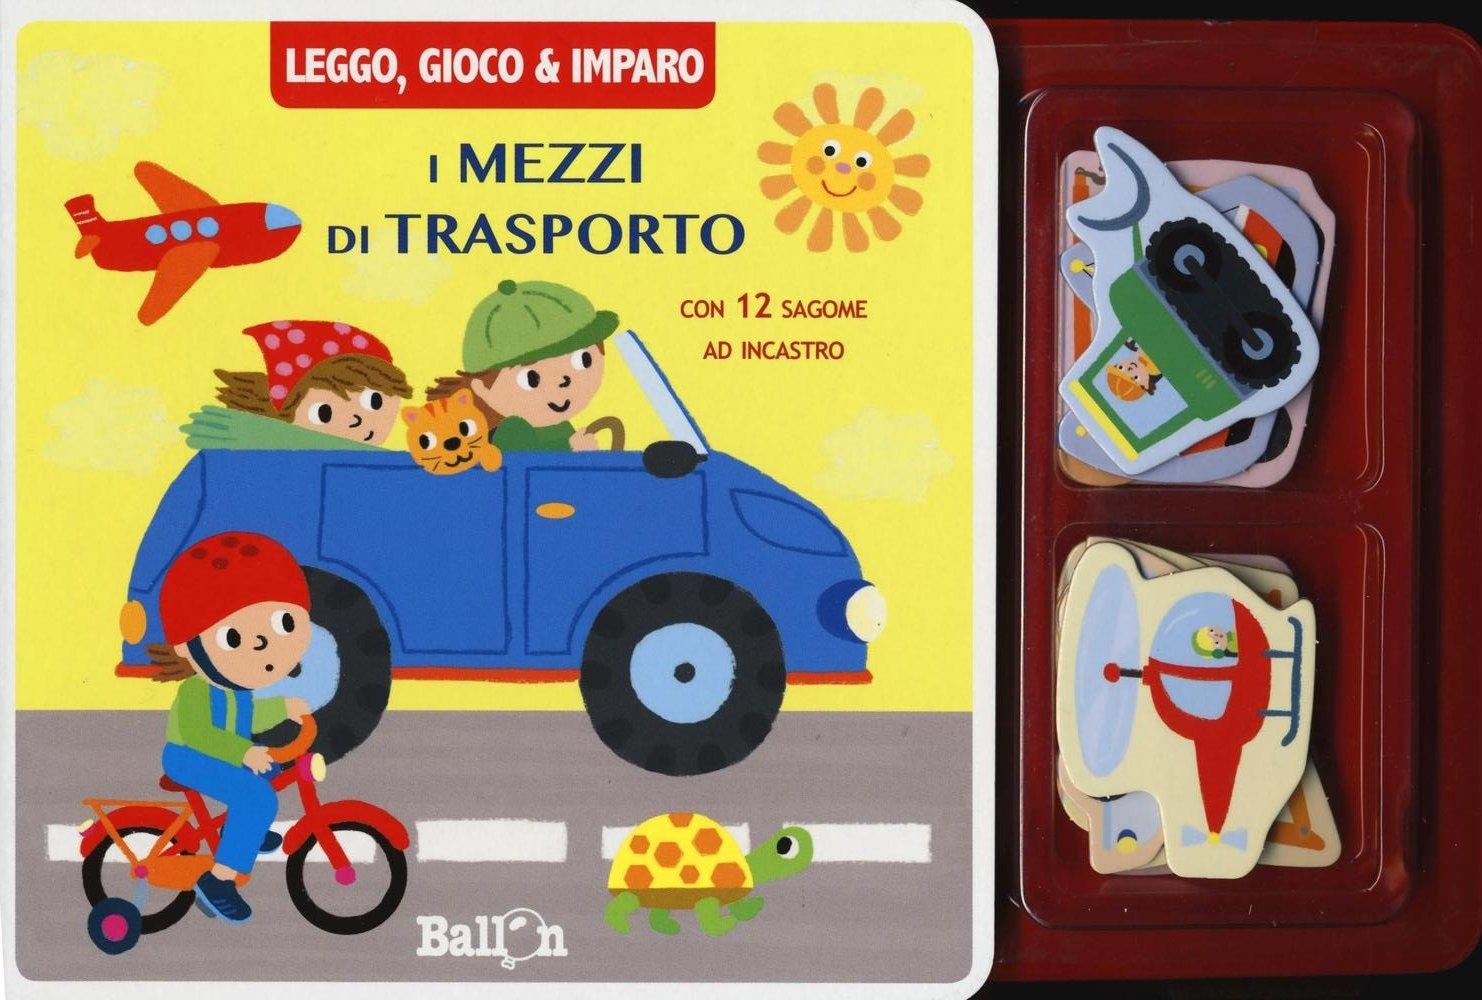 I mezzi di trasporto. Leggo, gioco & imparo. Ediz. illustrata. Con gadget